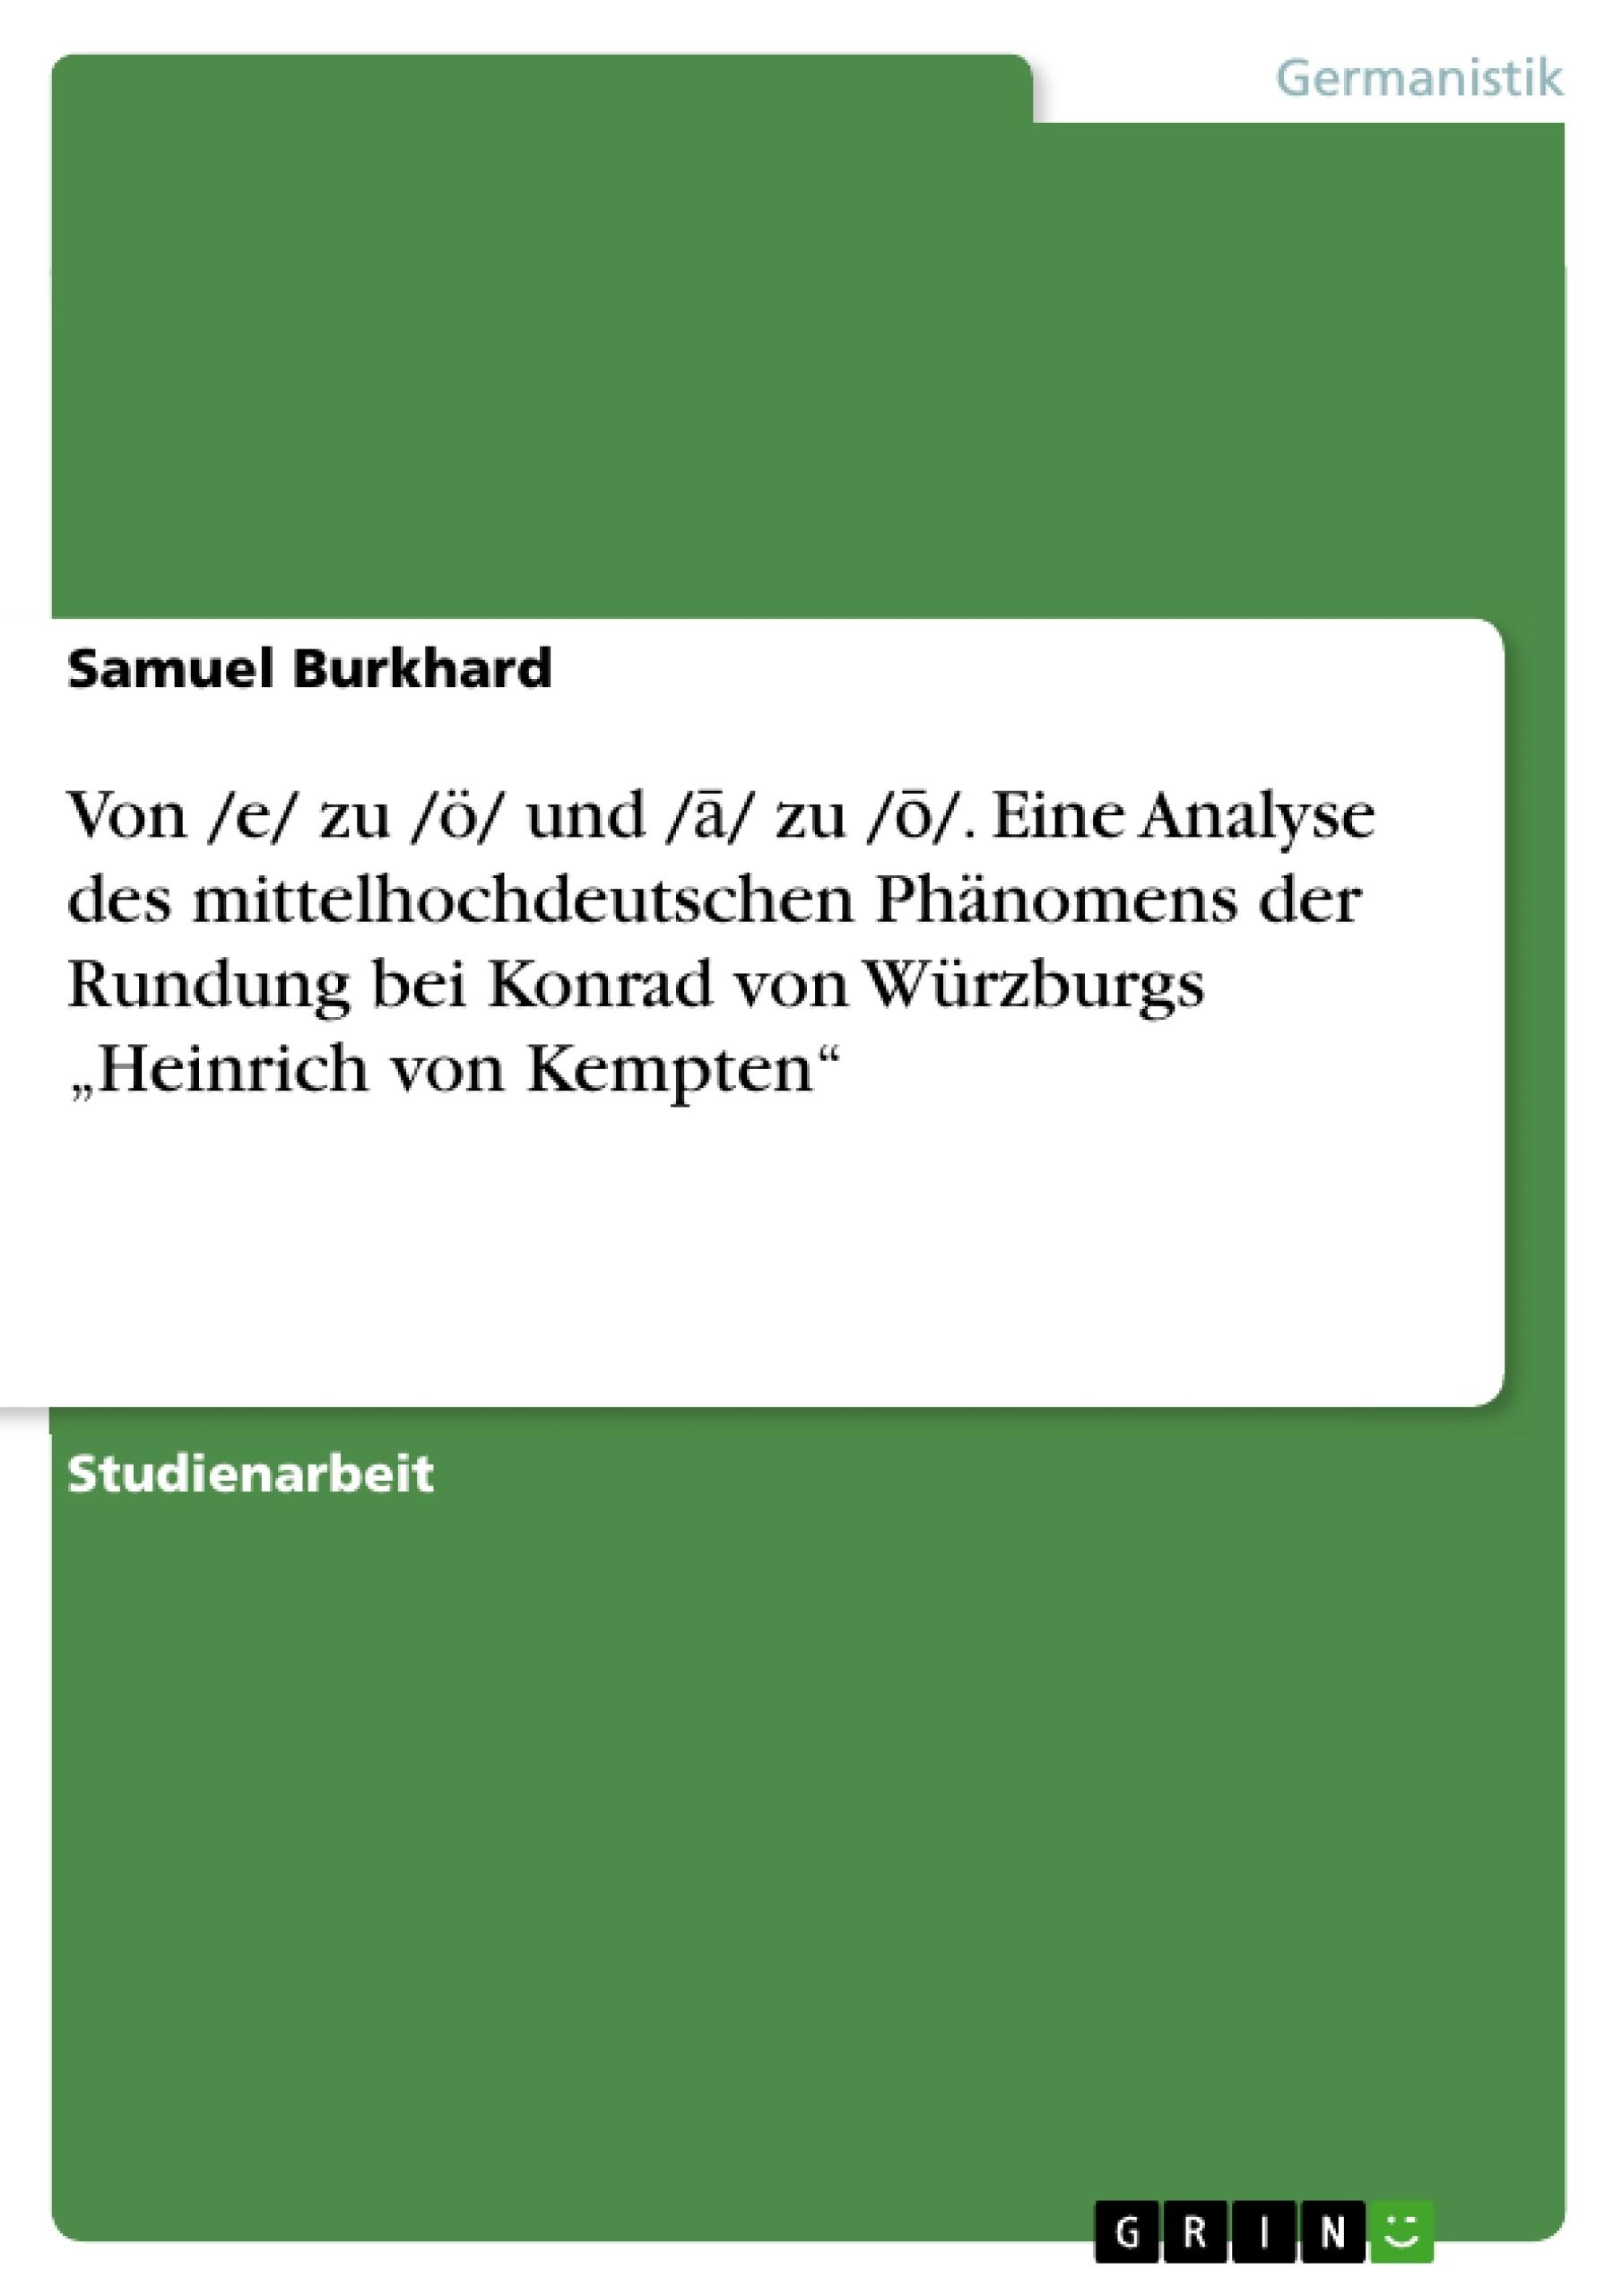 """Titel: Von /e/ zu /ö/ und /ā/ zu /ō/. Eine Analyse des mittelhochdeutschen Phänomens der Rundung bei Konrad von Würzburgs """"Heinrich von Kempten"""""""